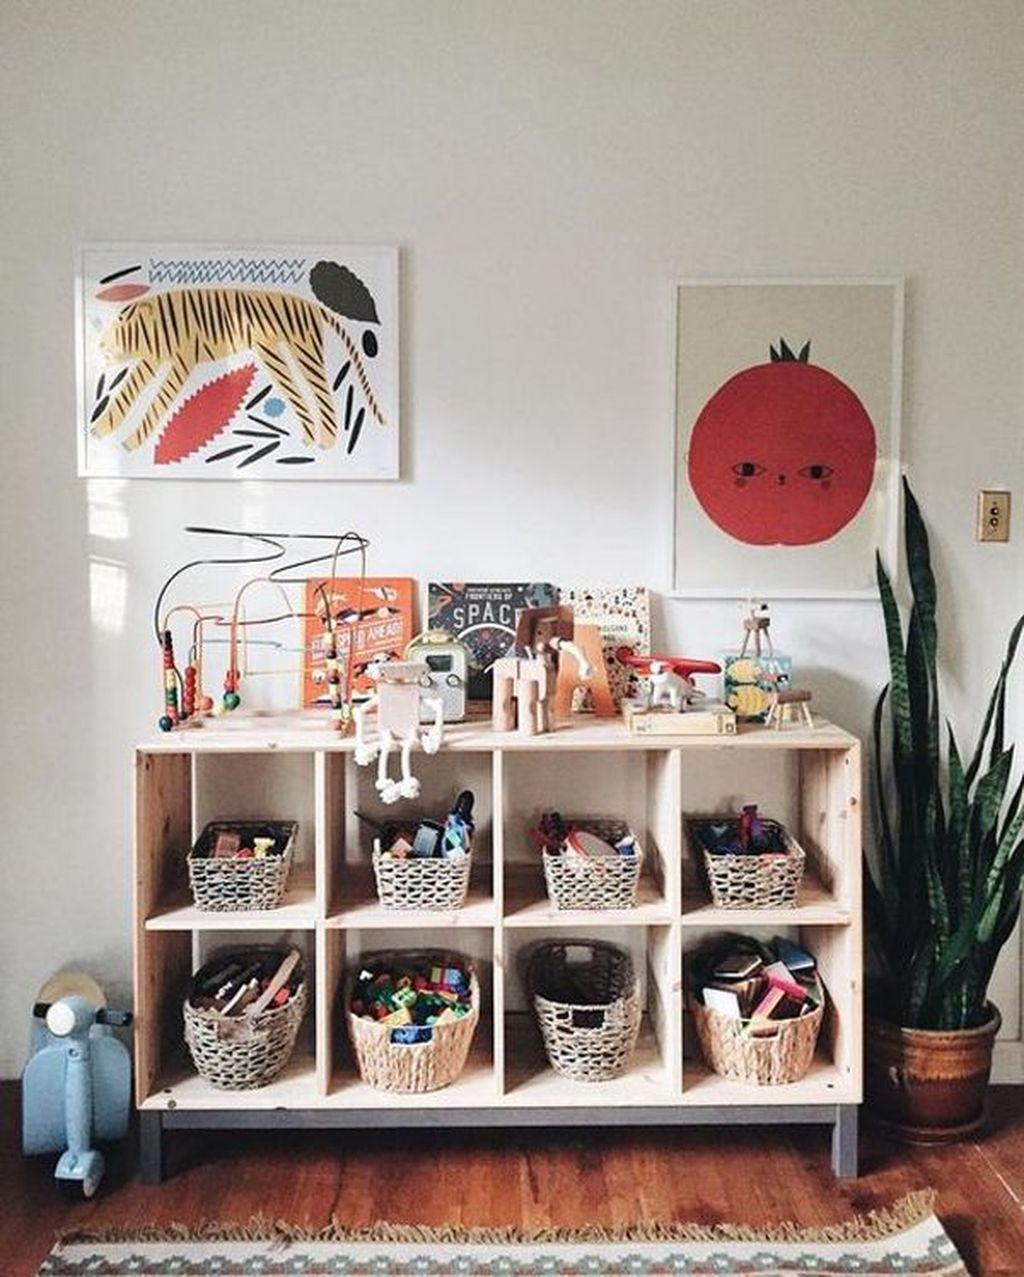 Inspiring Toy Storage Design Ideas 19